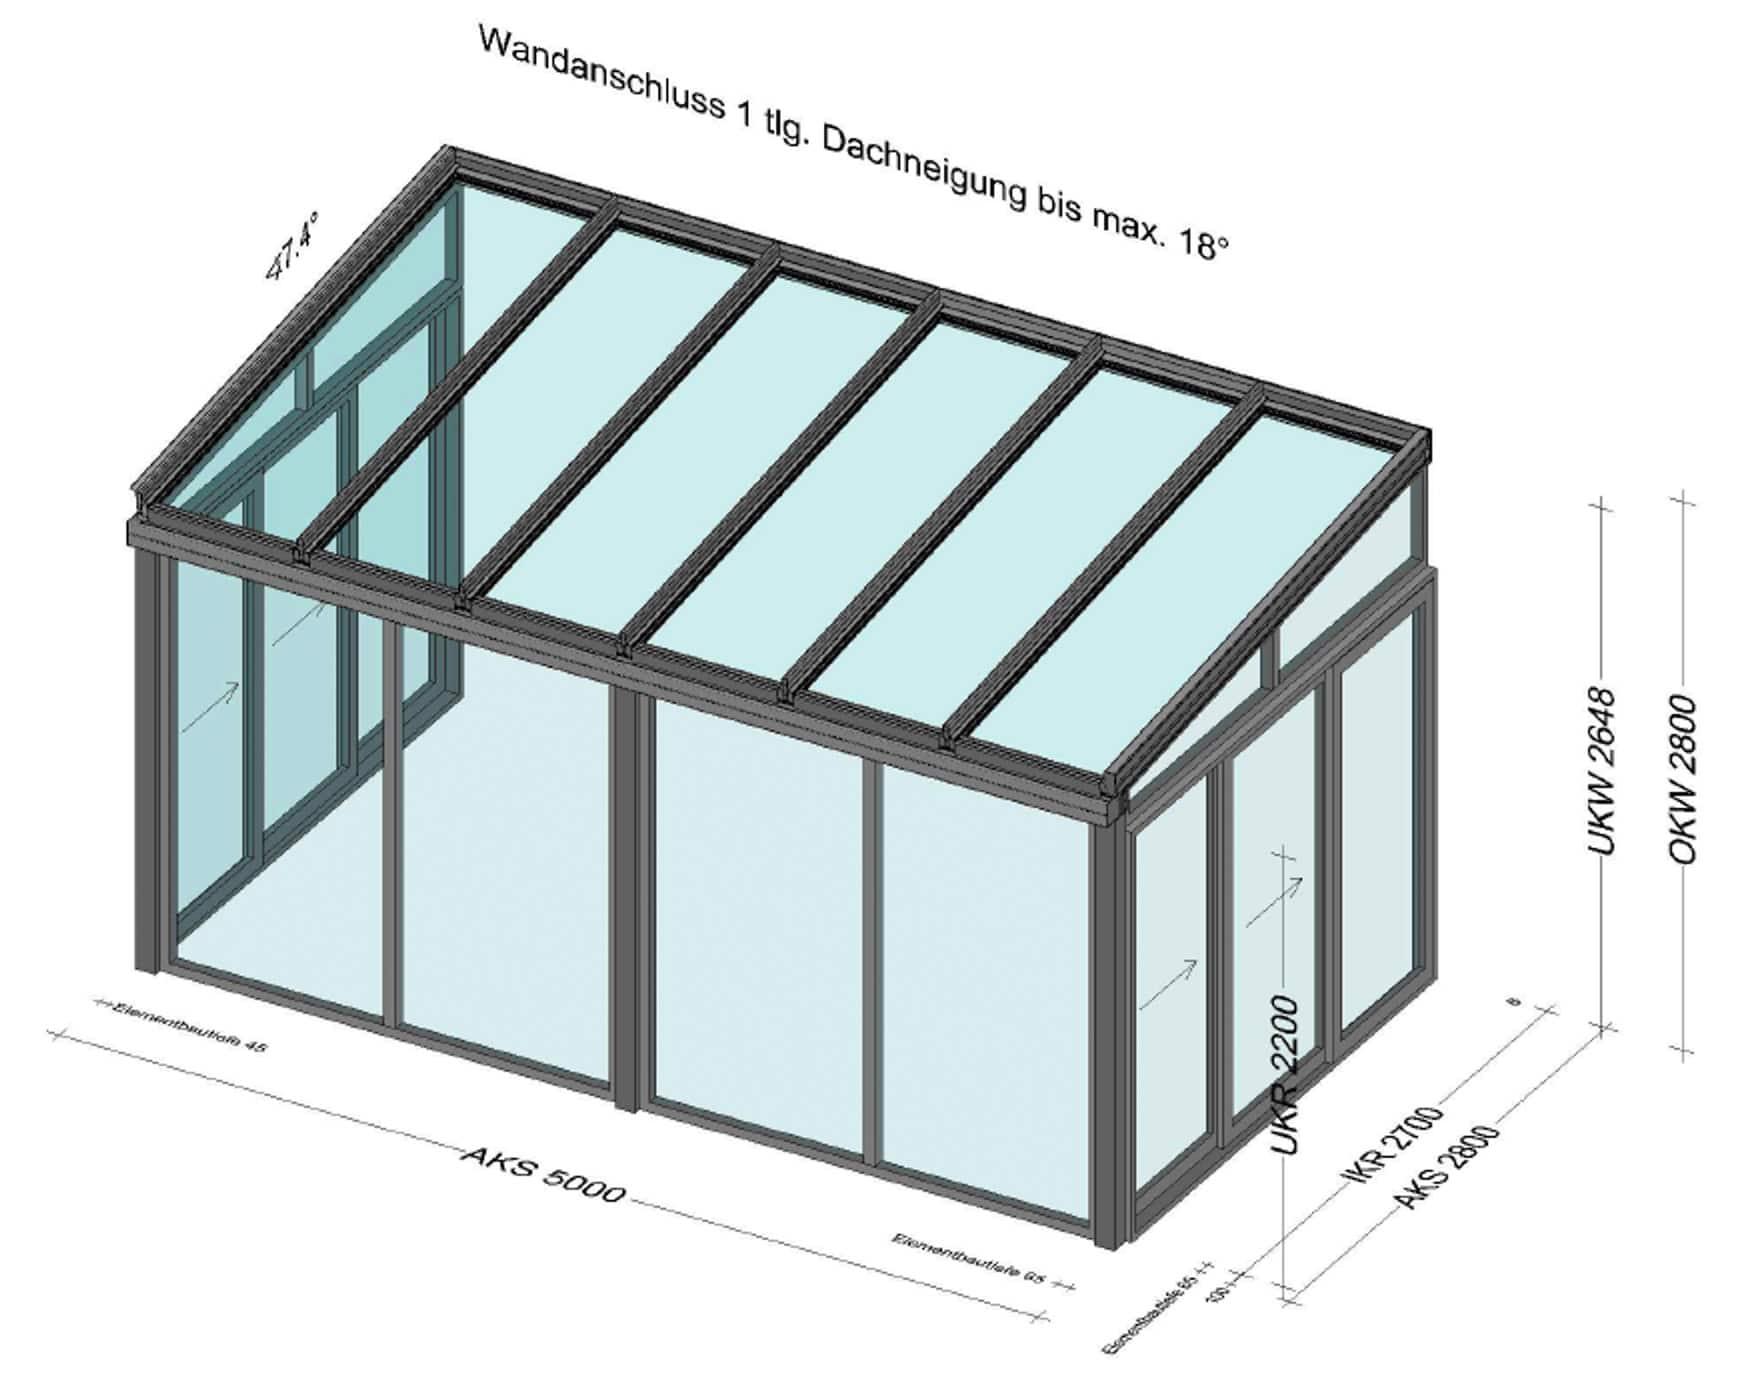 Wintergarten mit fixen Fenstern und Schiebetüren